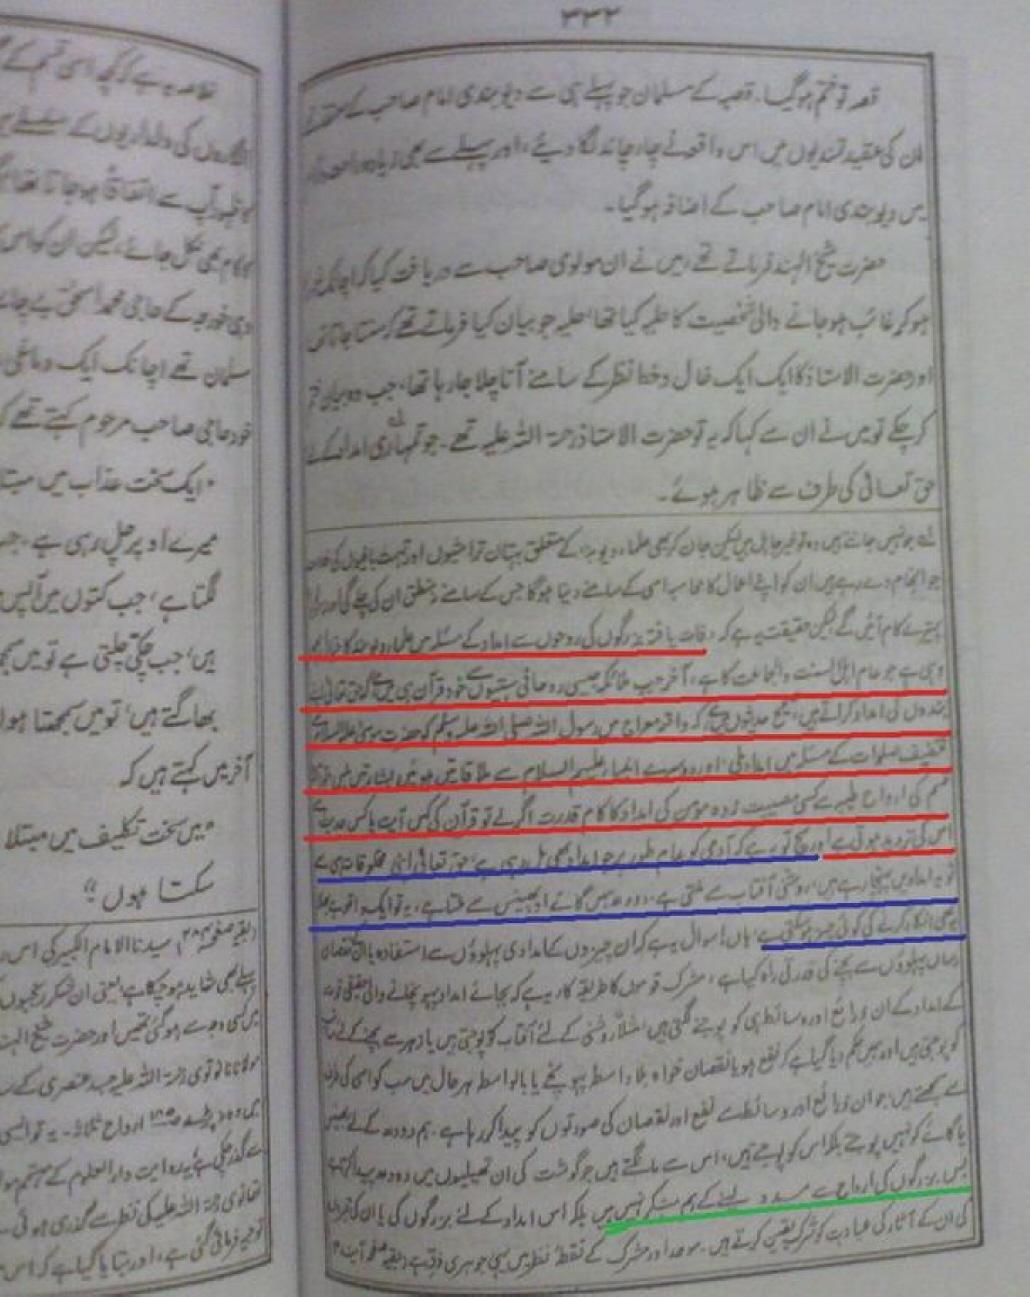 sawaneh_qasmi_2.jpg